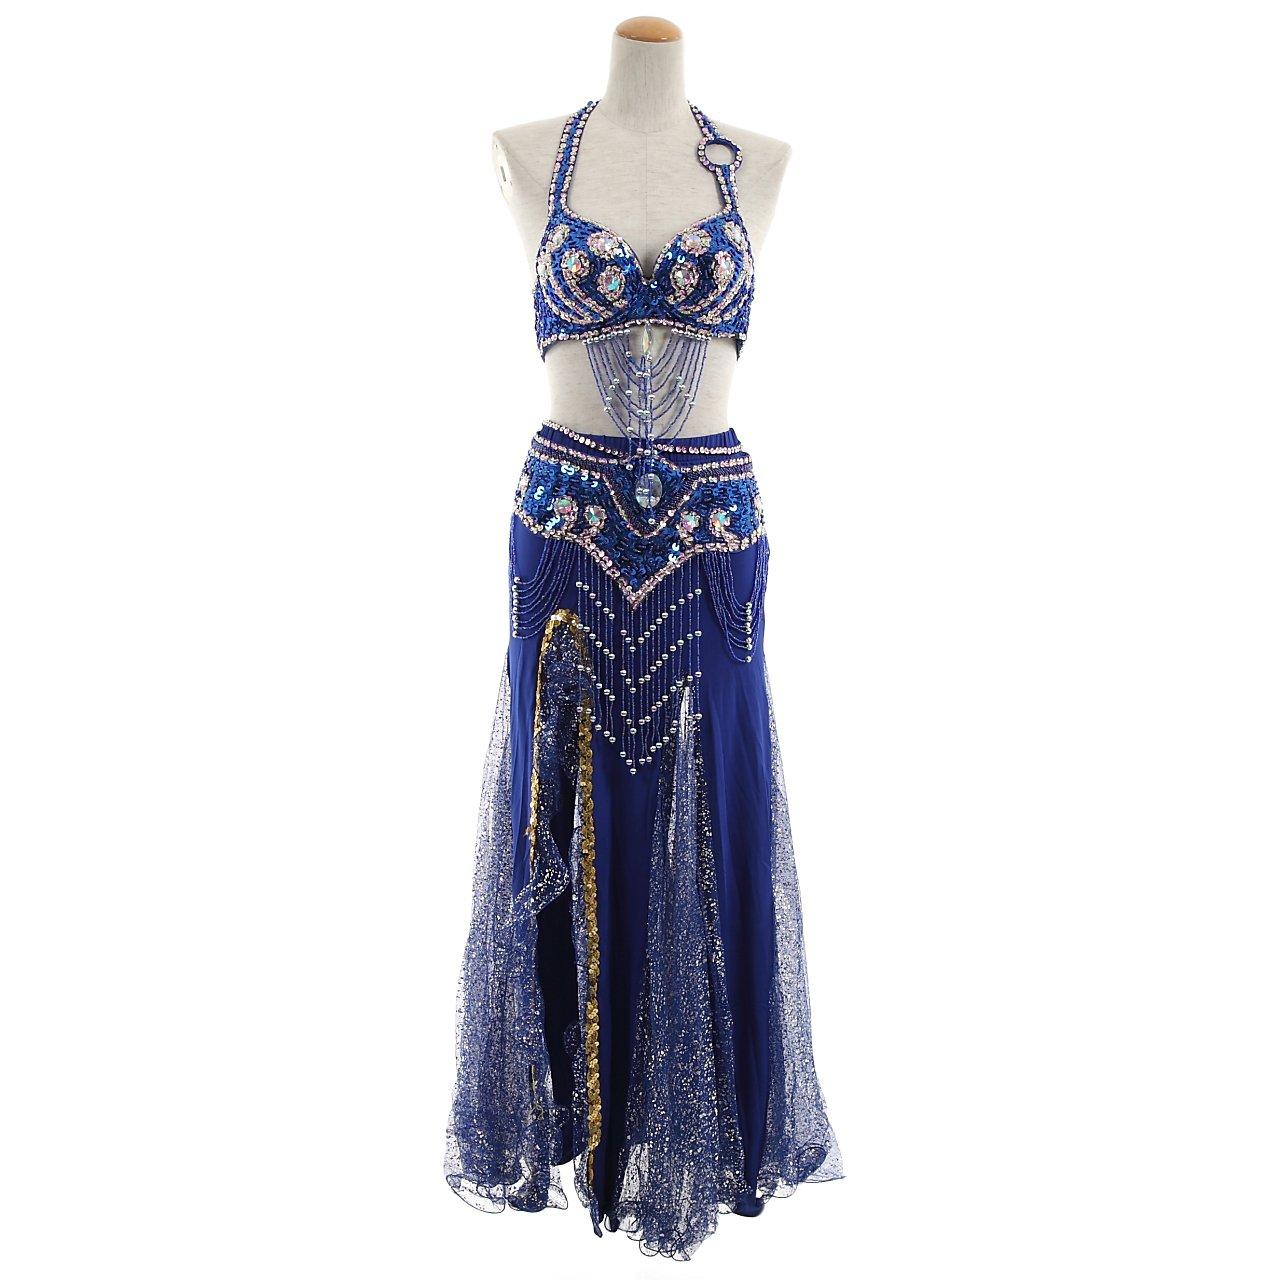 ベリーダンス衣装 本格的ステージ衣装 ブラ ベルト スリットスカート タトゥーシール4枚 フルセット belly-12 (青(BLUE)) B077CNGQRQ 青(BLUE)